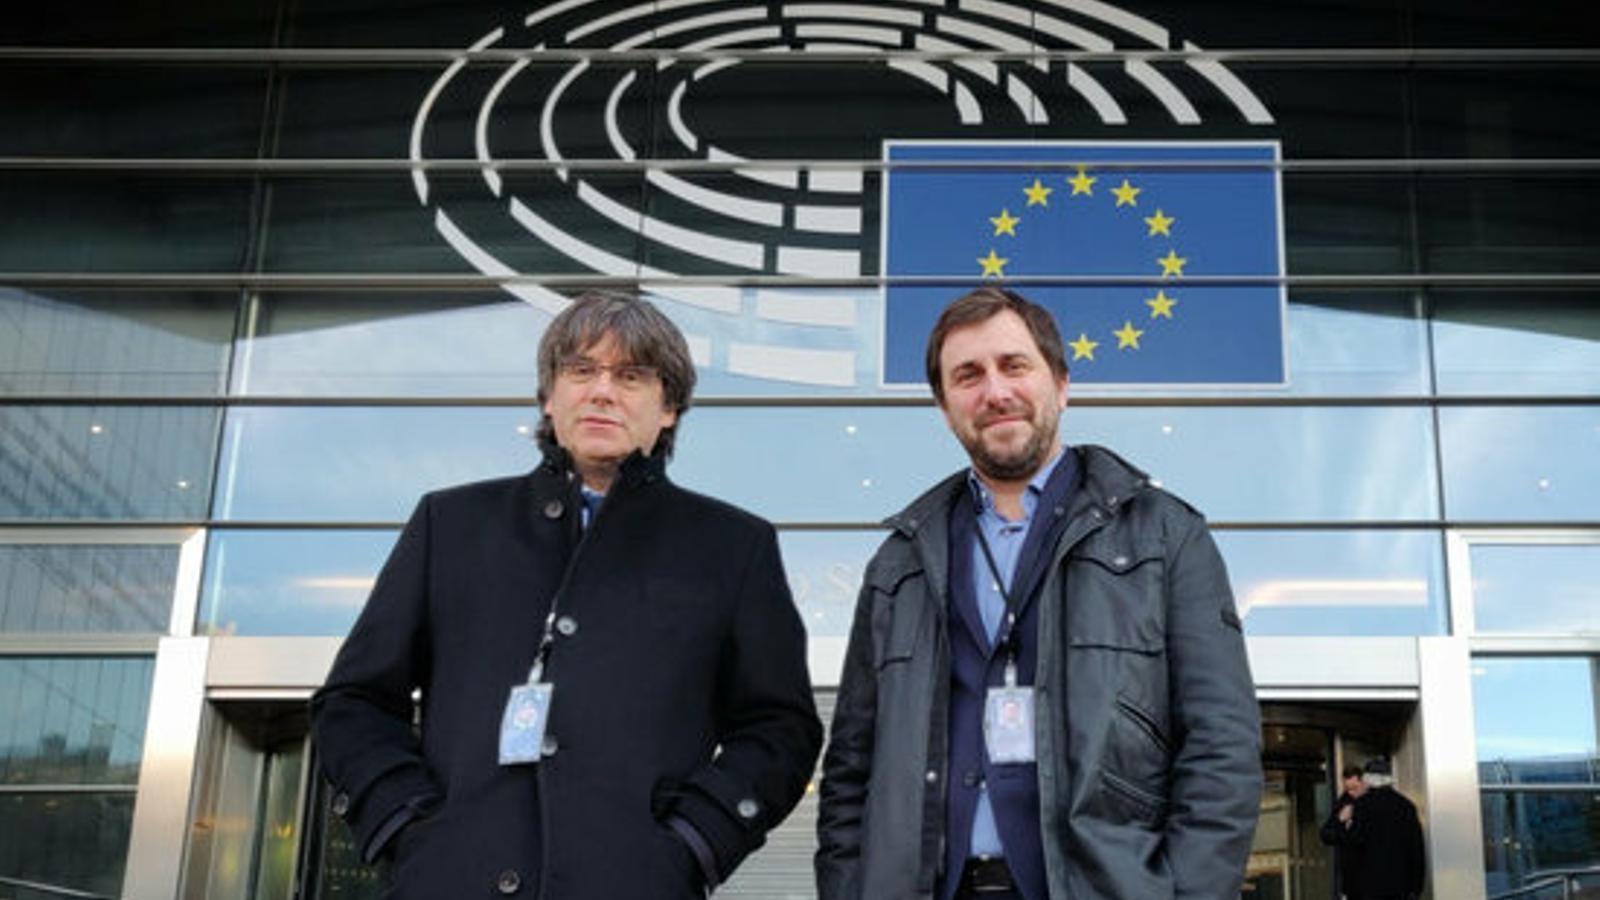 Puigdemont i Comín, a l'entrada al Parlament europeu amb les seves acreditacions definitives